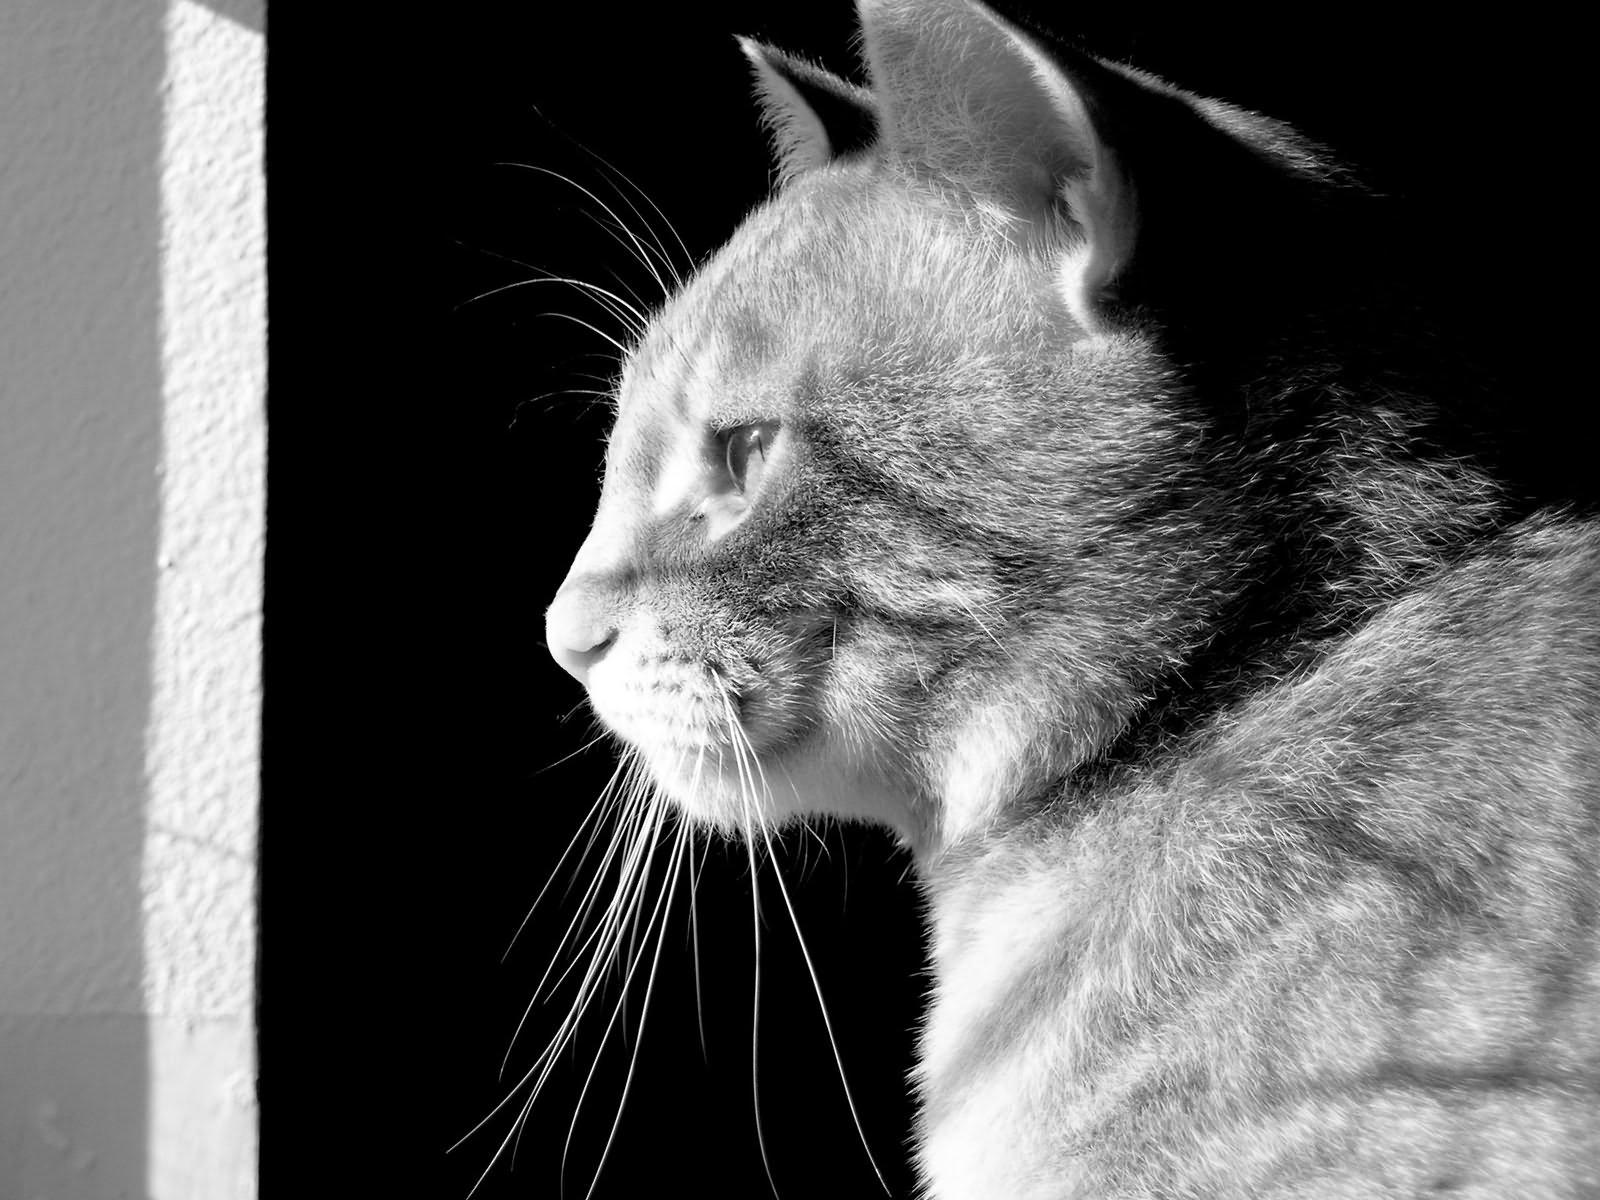 кот смотрит в даль картинки томатных